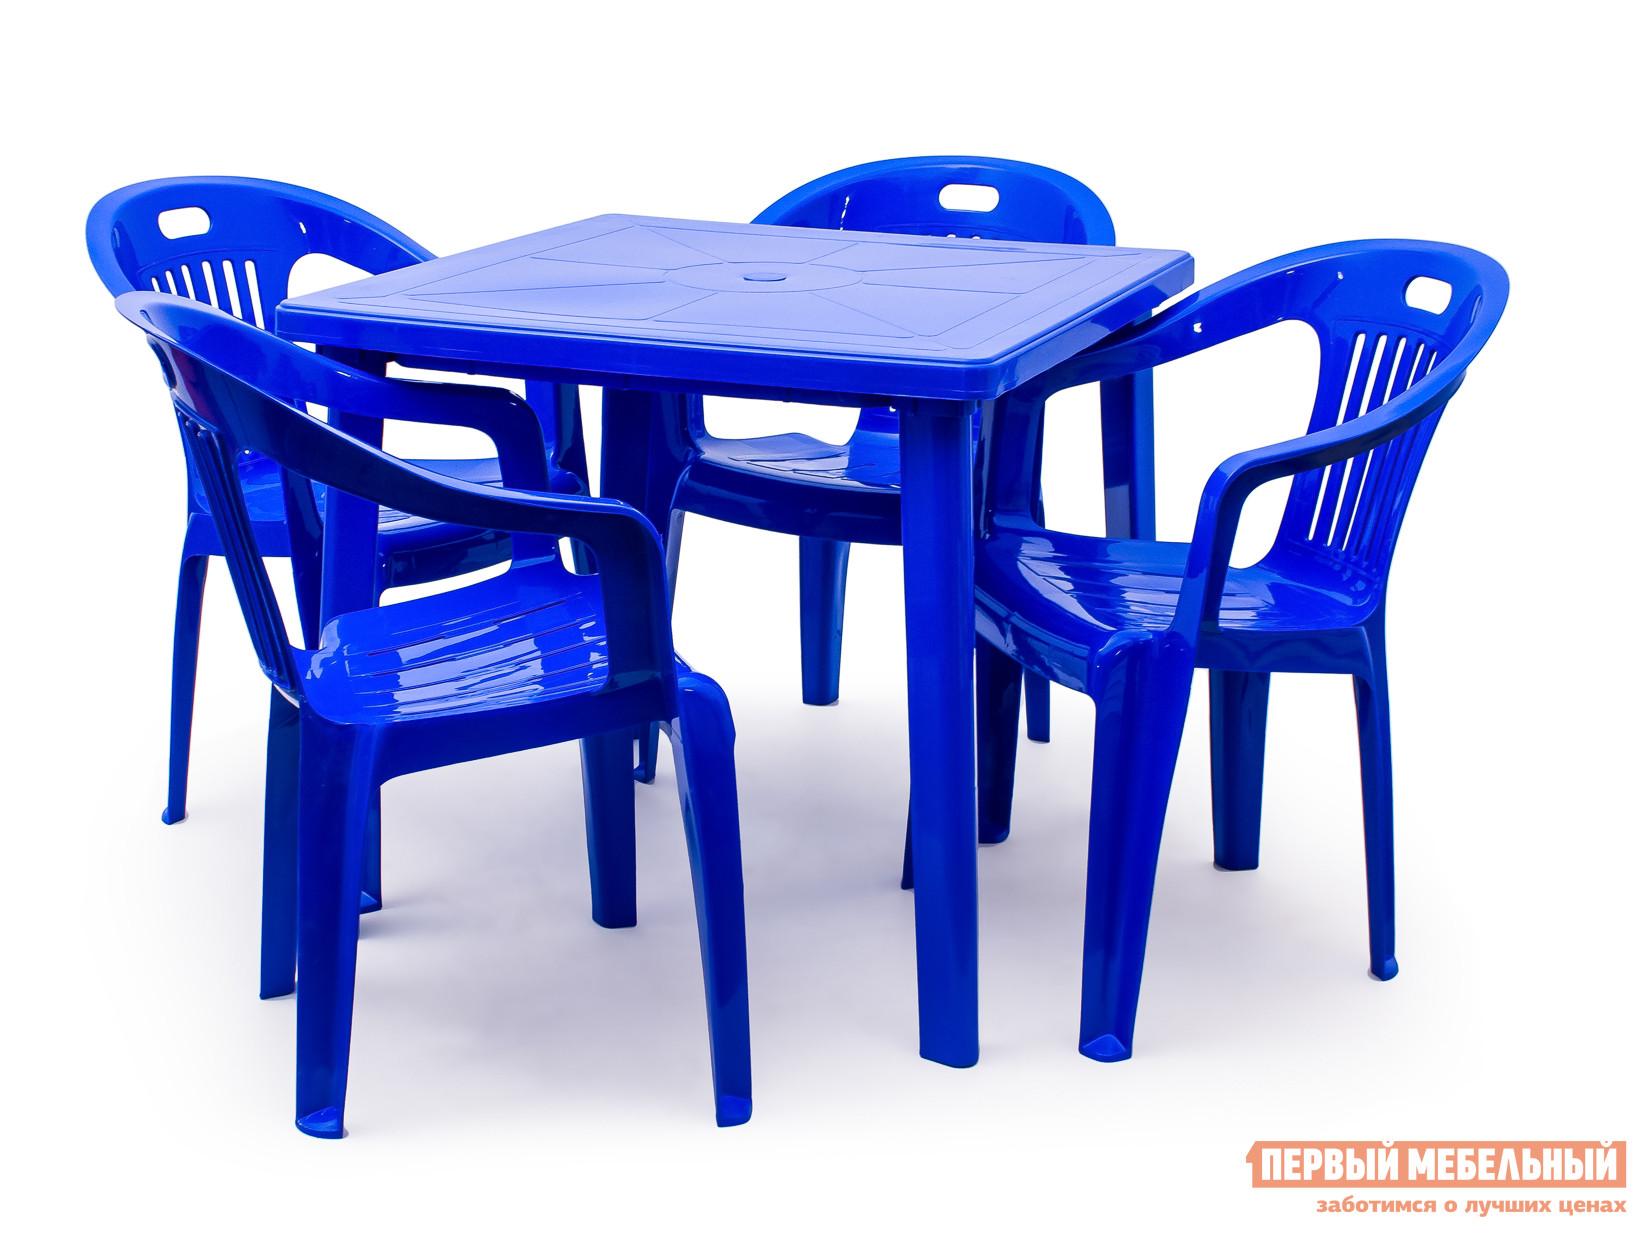 Набор пластиковой мебели Стандарт Пластик Стол квадратный (800х800х710) + Кресло №5 Комфорт-1 (540x535x780мм), 4 шт. СинийНаборы пластиковой мебели<br>Габаритные размеры ВхШхГ xx мм. Набор пластиковой мебели для организации дачного застолья на свежем воздухе.  Также такая мебель подойдет для уличных кафе. Каждое кресло рассчитано на максимальный вес 120 кг. Размеры элементов:Стол: 710 Х 800 Х 800 мм, вес 5 кг; Кресло: 780 Х 540 Х 535 мм, вес 2. 4 кг. Кресла поставляются в собранном виде.  Стол разобран – для сборки стола необходимо вкрутить ножки в столешницу.<br><br>Цвет: Синий<br>Кол-во упаковок: 5<br>Форма поставки: В собранном виде<br>Срок гарантии: 1 год<br>Тип: На 4 персоны